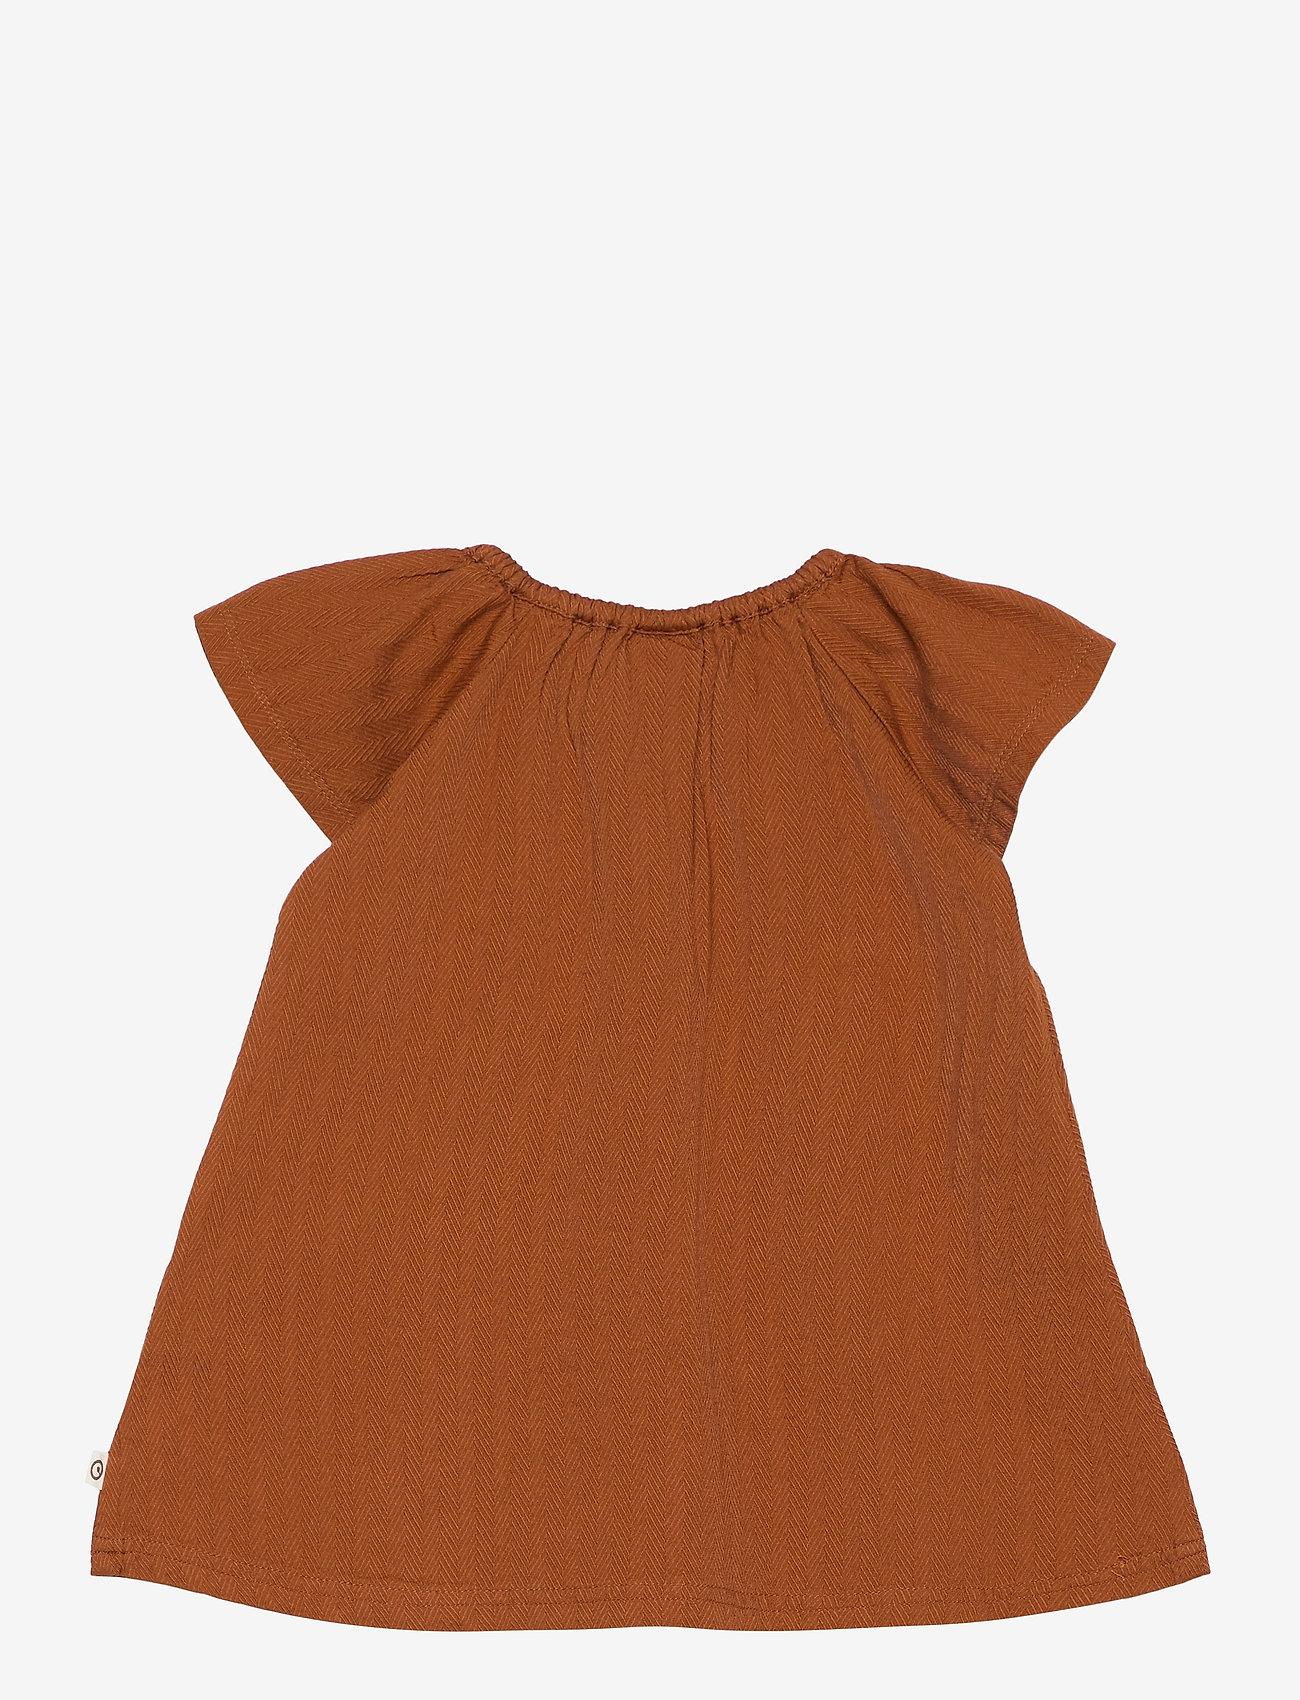 Müsli by Green Cotton - Woven dress - kleider - ocher - 1